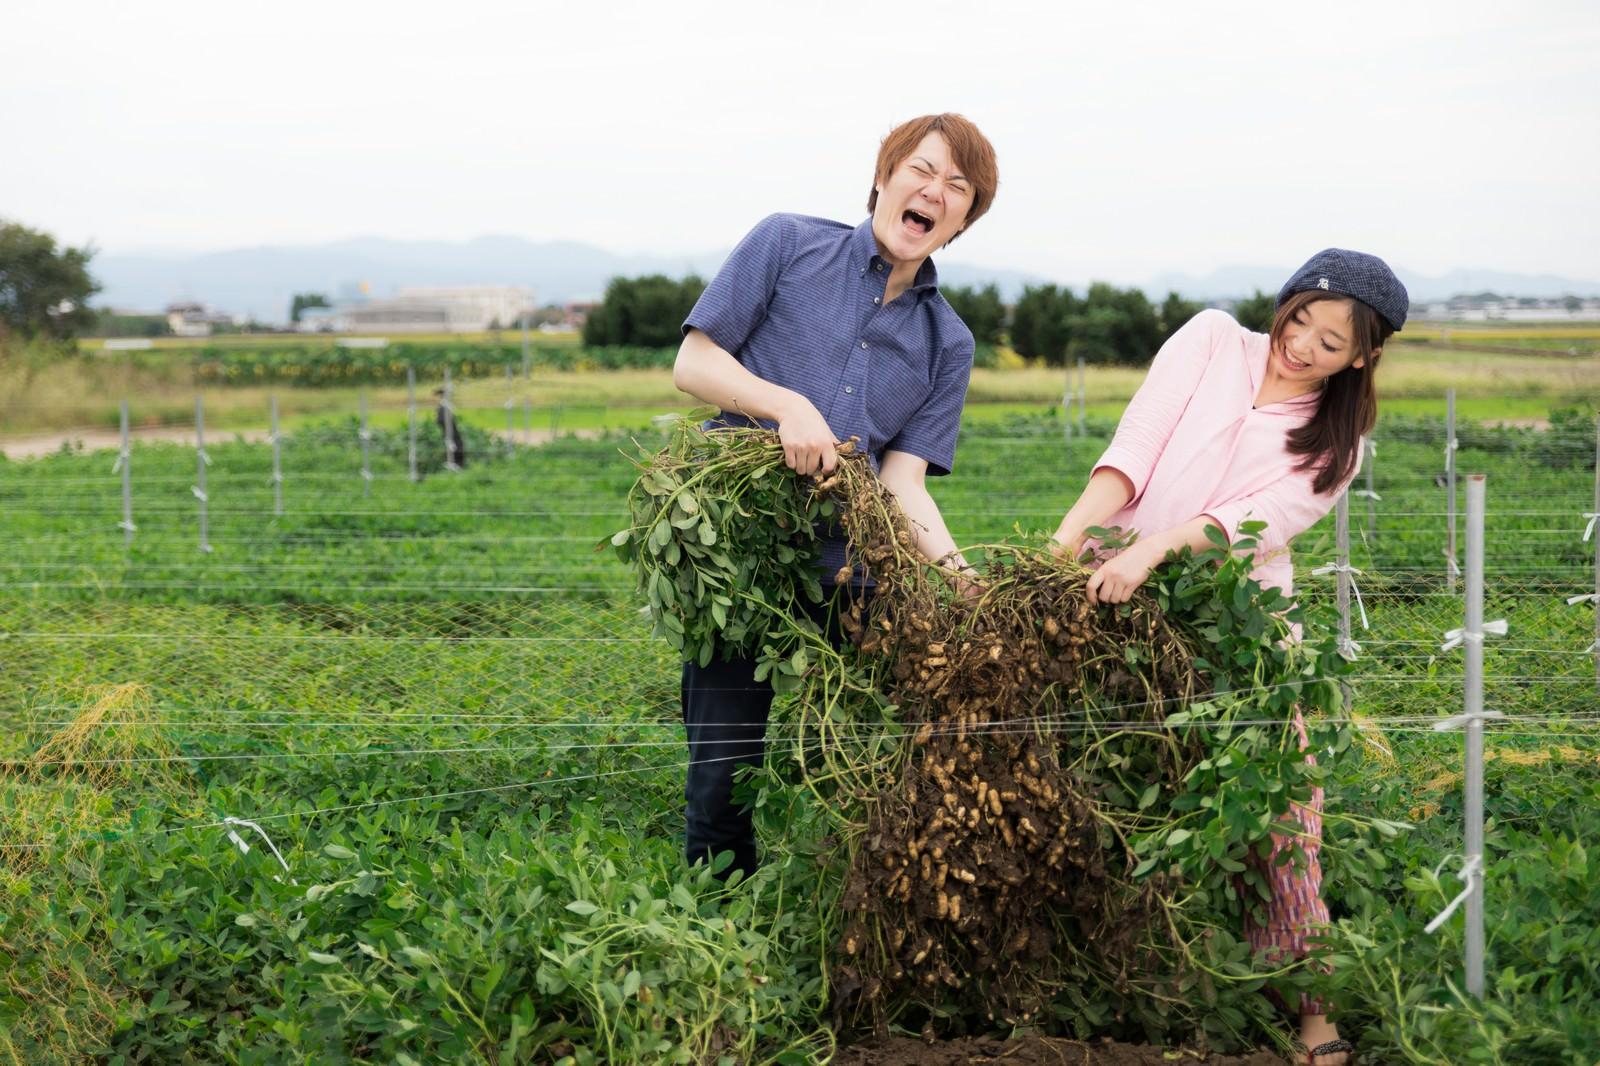 「夫婦で力を合わせて落花生を収穫夫婦で力を合わせて落花生を収穫」[モデル:五十嵐夫妻]のフリー写真素材を拡大